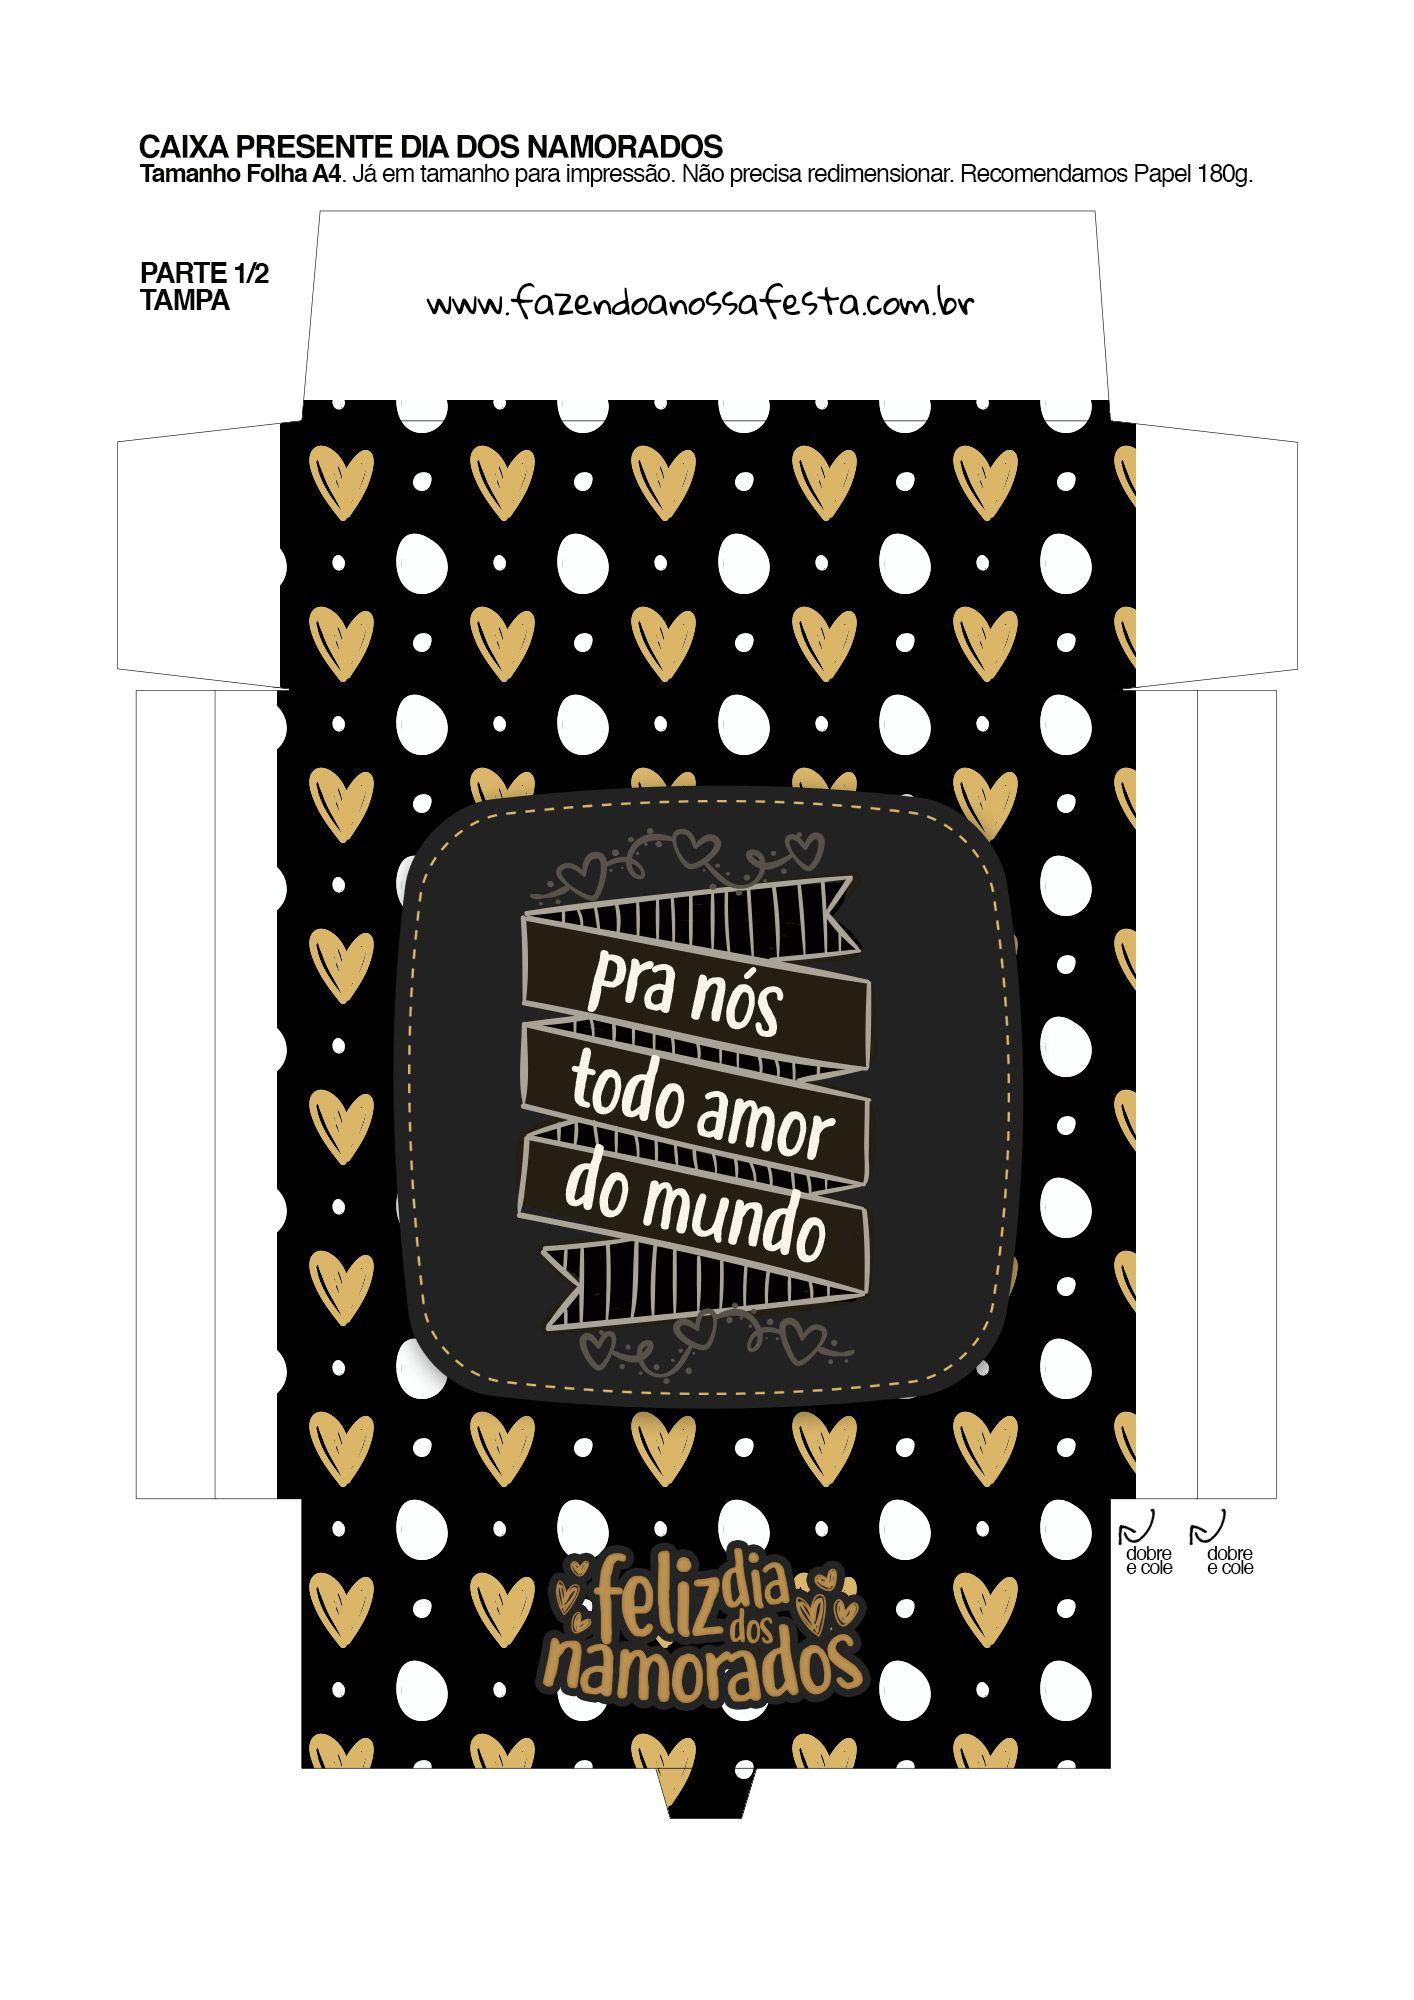 Caixa Dia Dos Namorados Com Letras De Musicas E Temas Pro Nos Todo